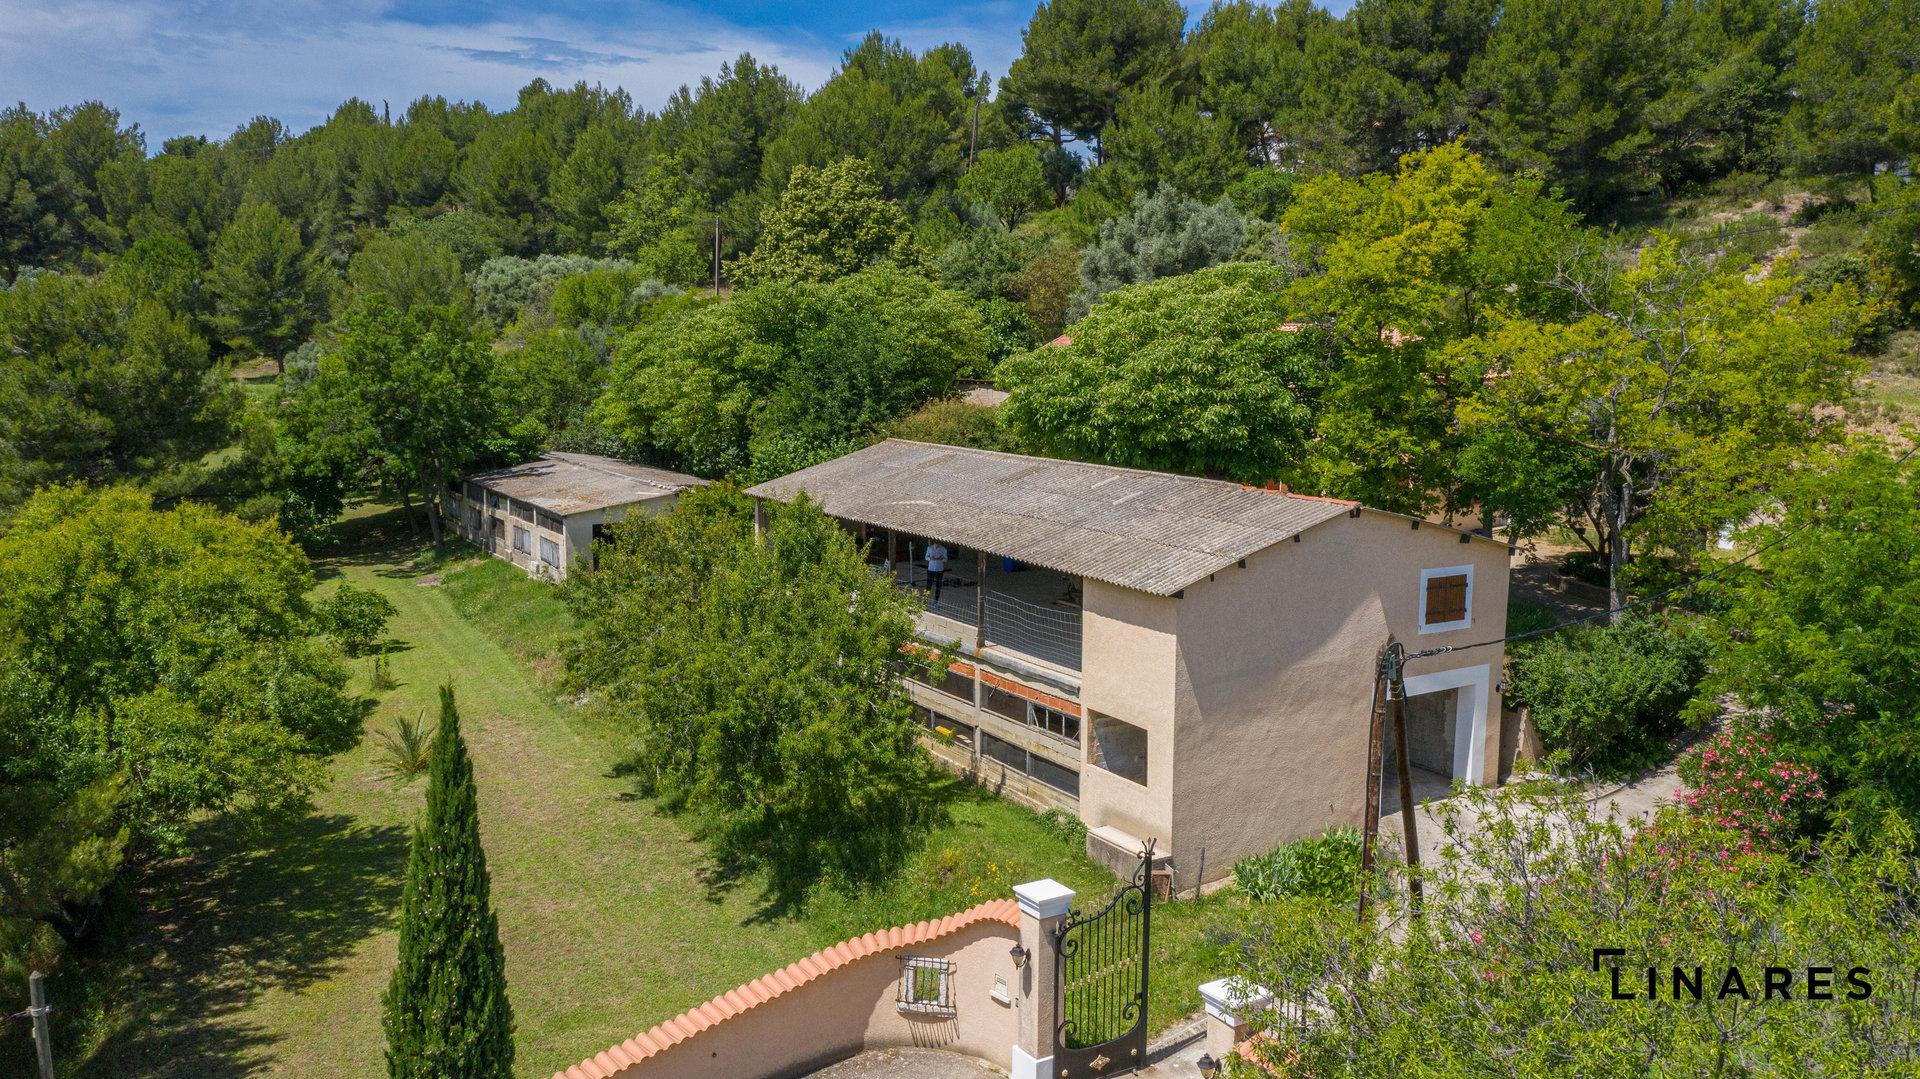 THE RANCH - Propriété de 16600m2 avec villa de 150m2